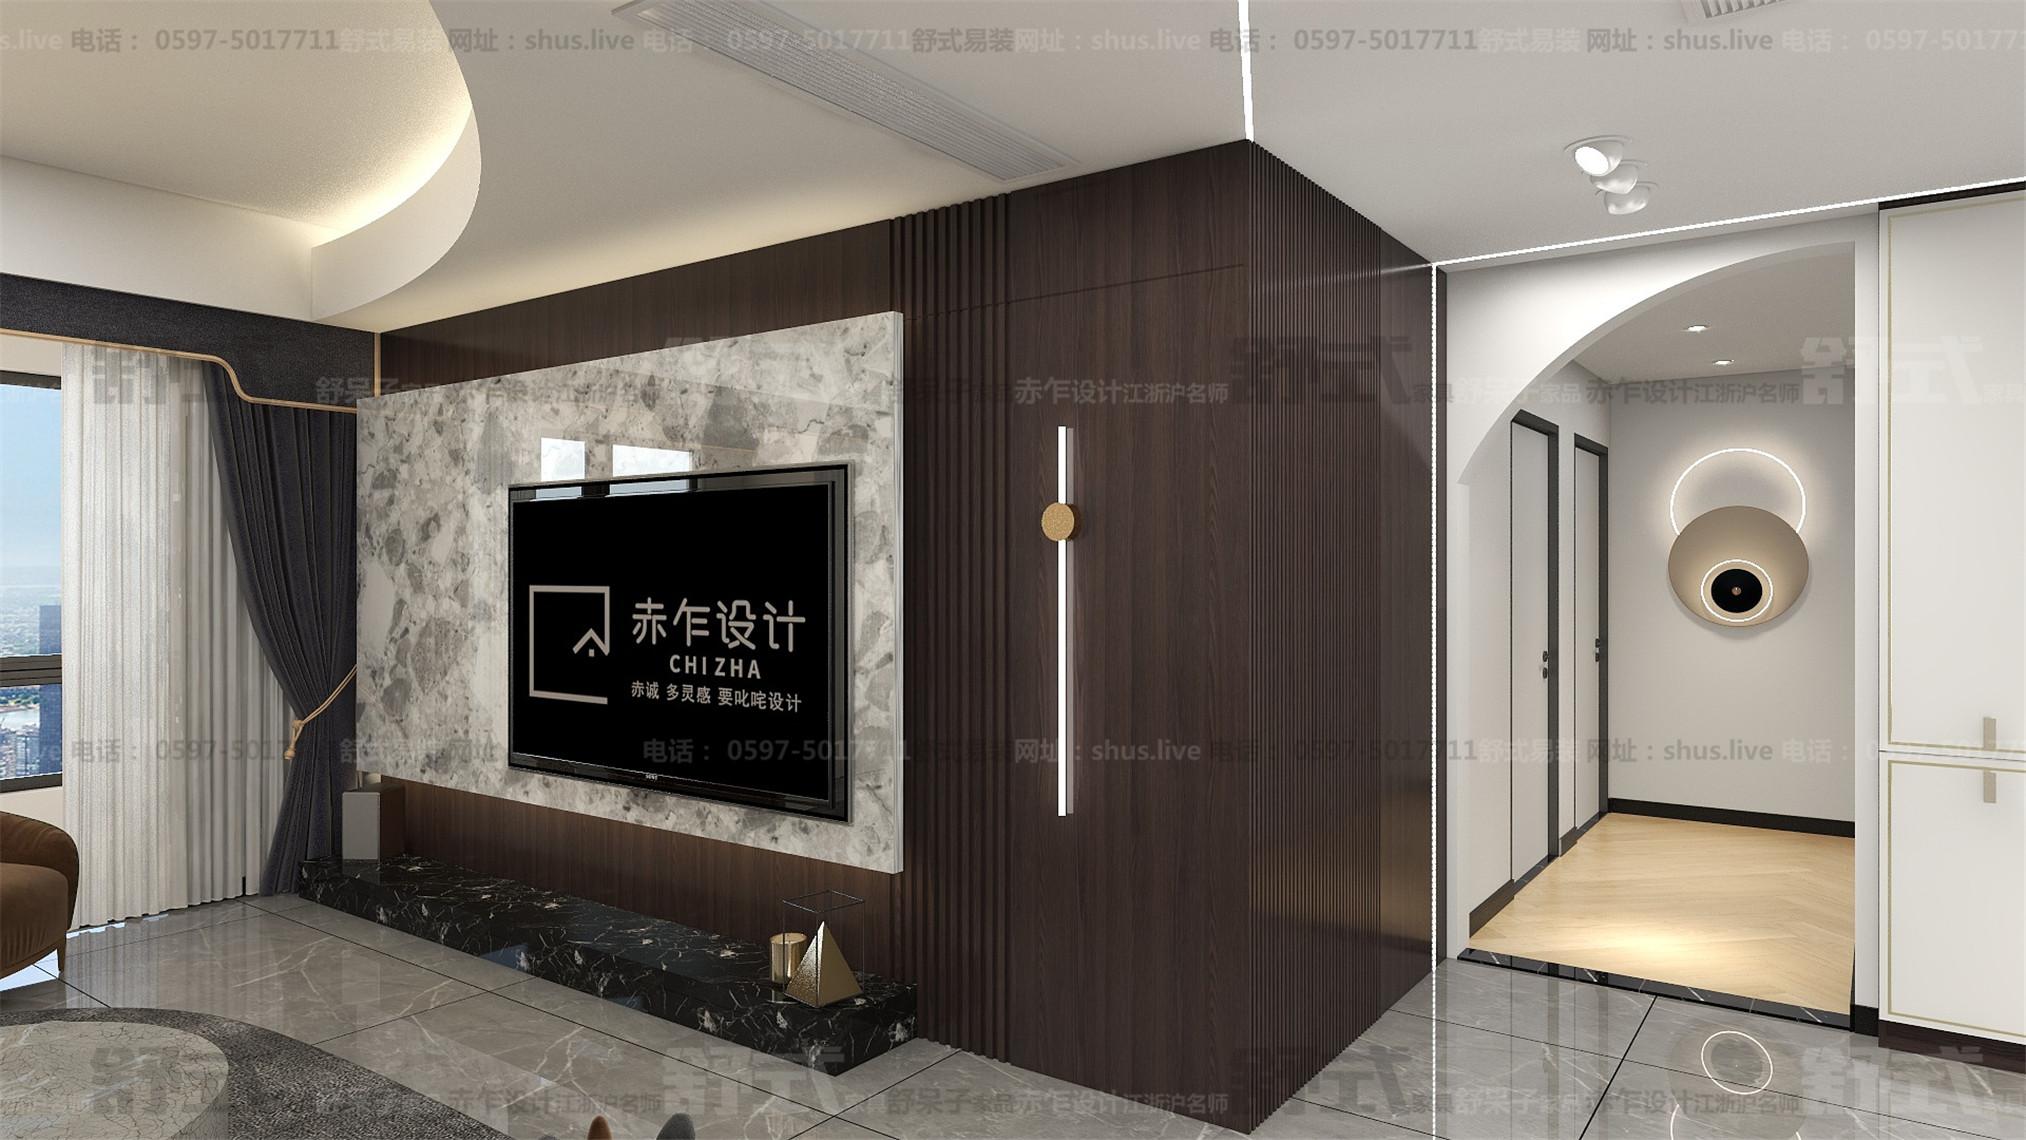 中式轻奢-全屋整装-舒式易装-理想城6栋04户型